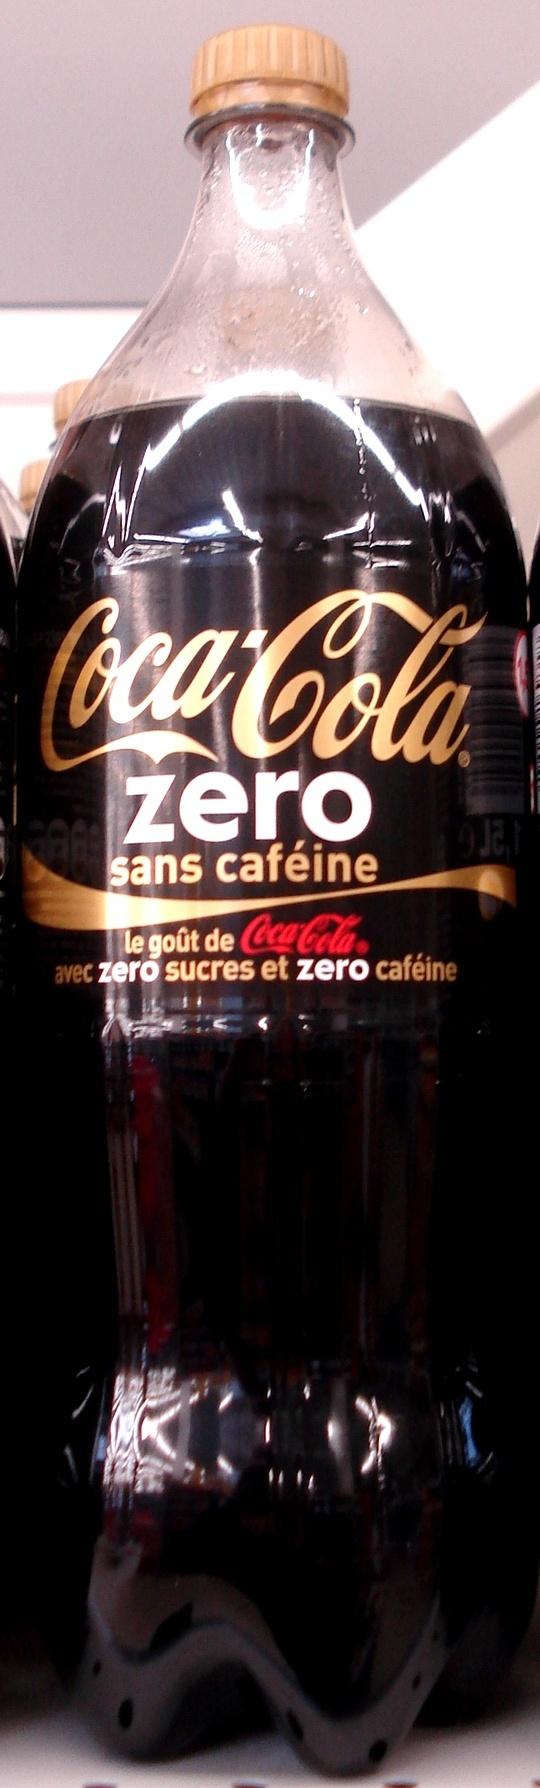 Coca Cola Zéro sans caféine - Product - fr